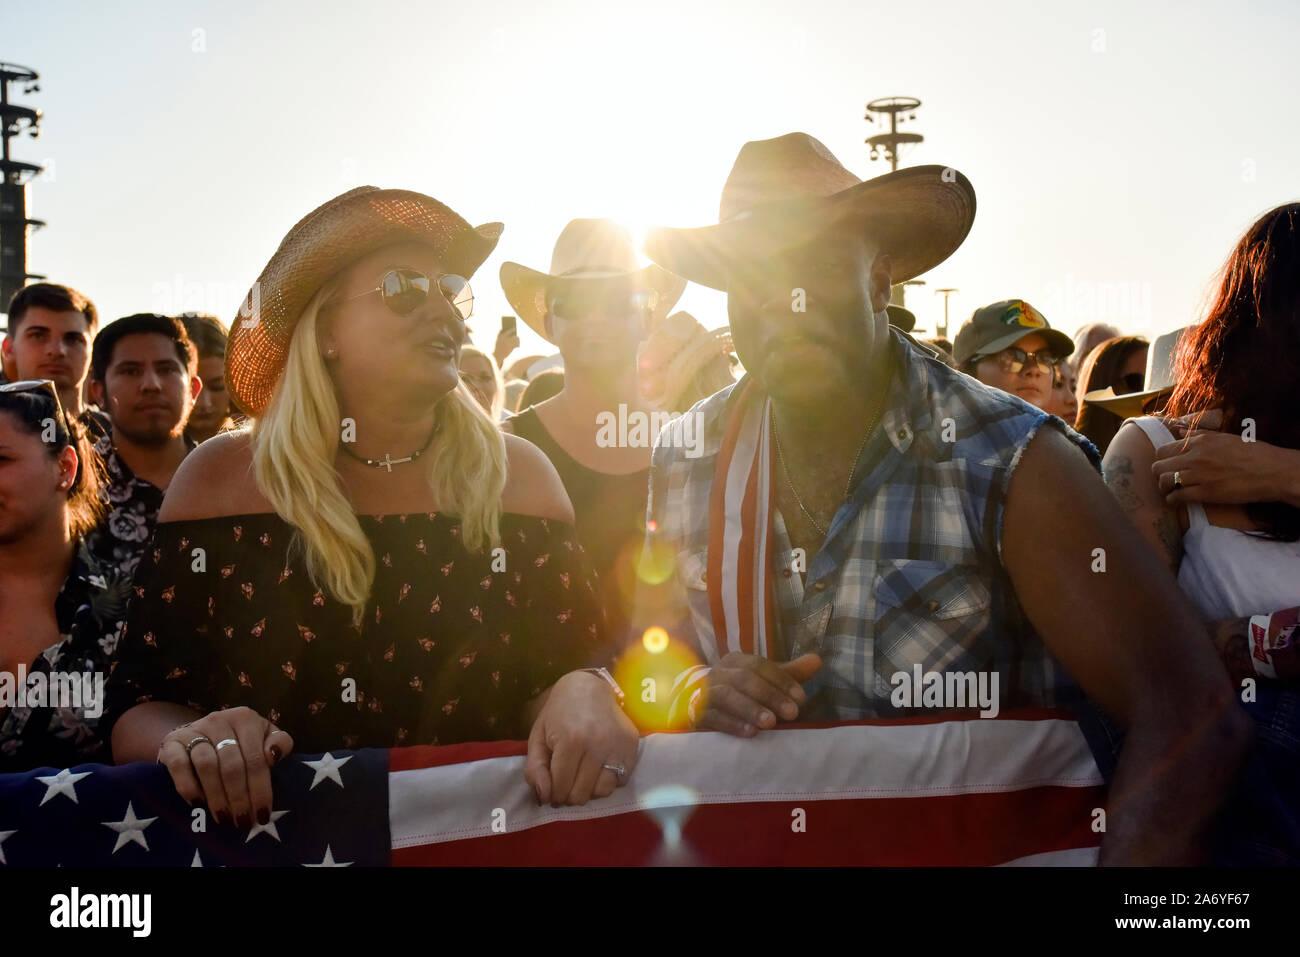 Scène de foule au Stagecoach Country Music Festival à Indio, en Californie Banque D'Images